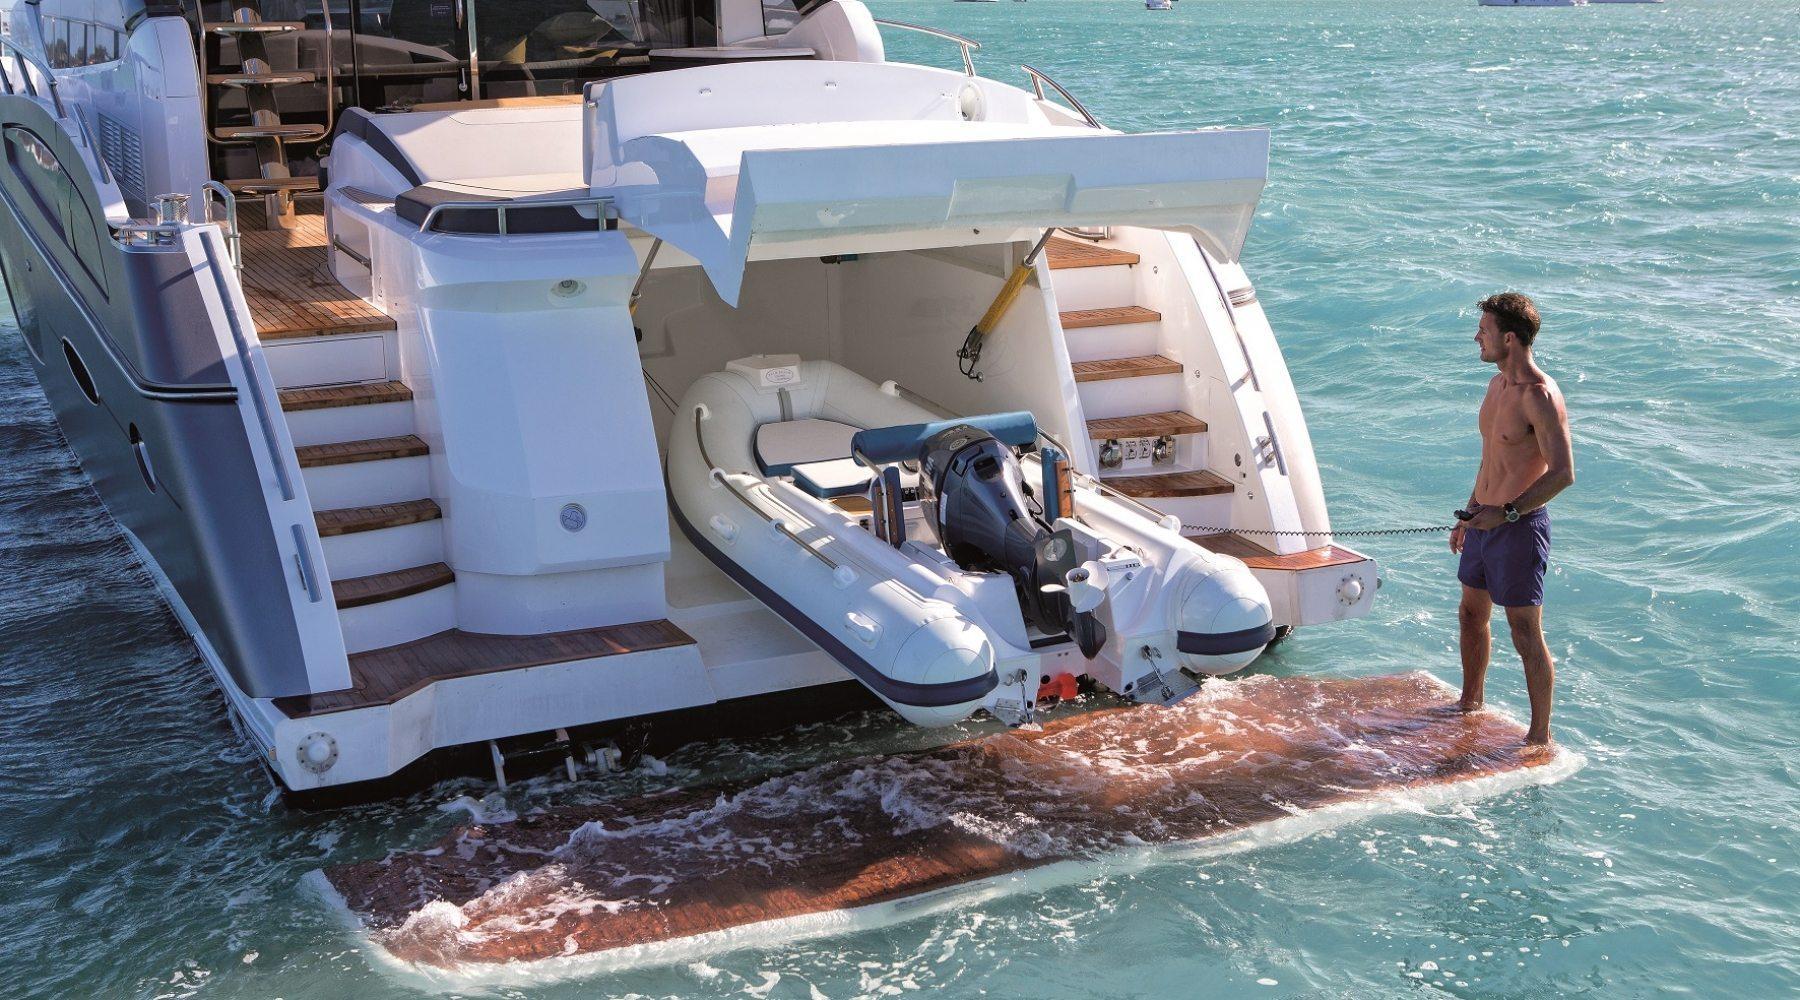 princess yachts plymouth company environmental concerns